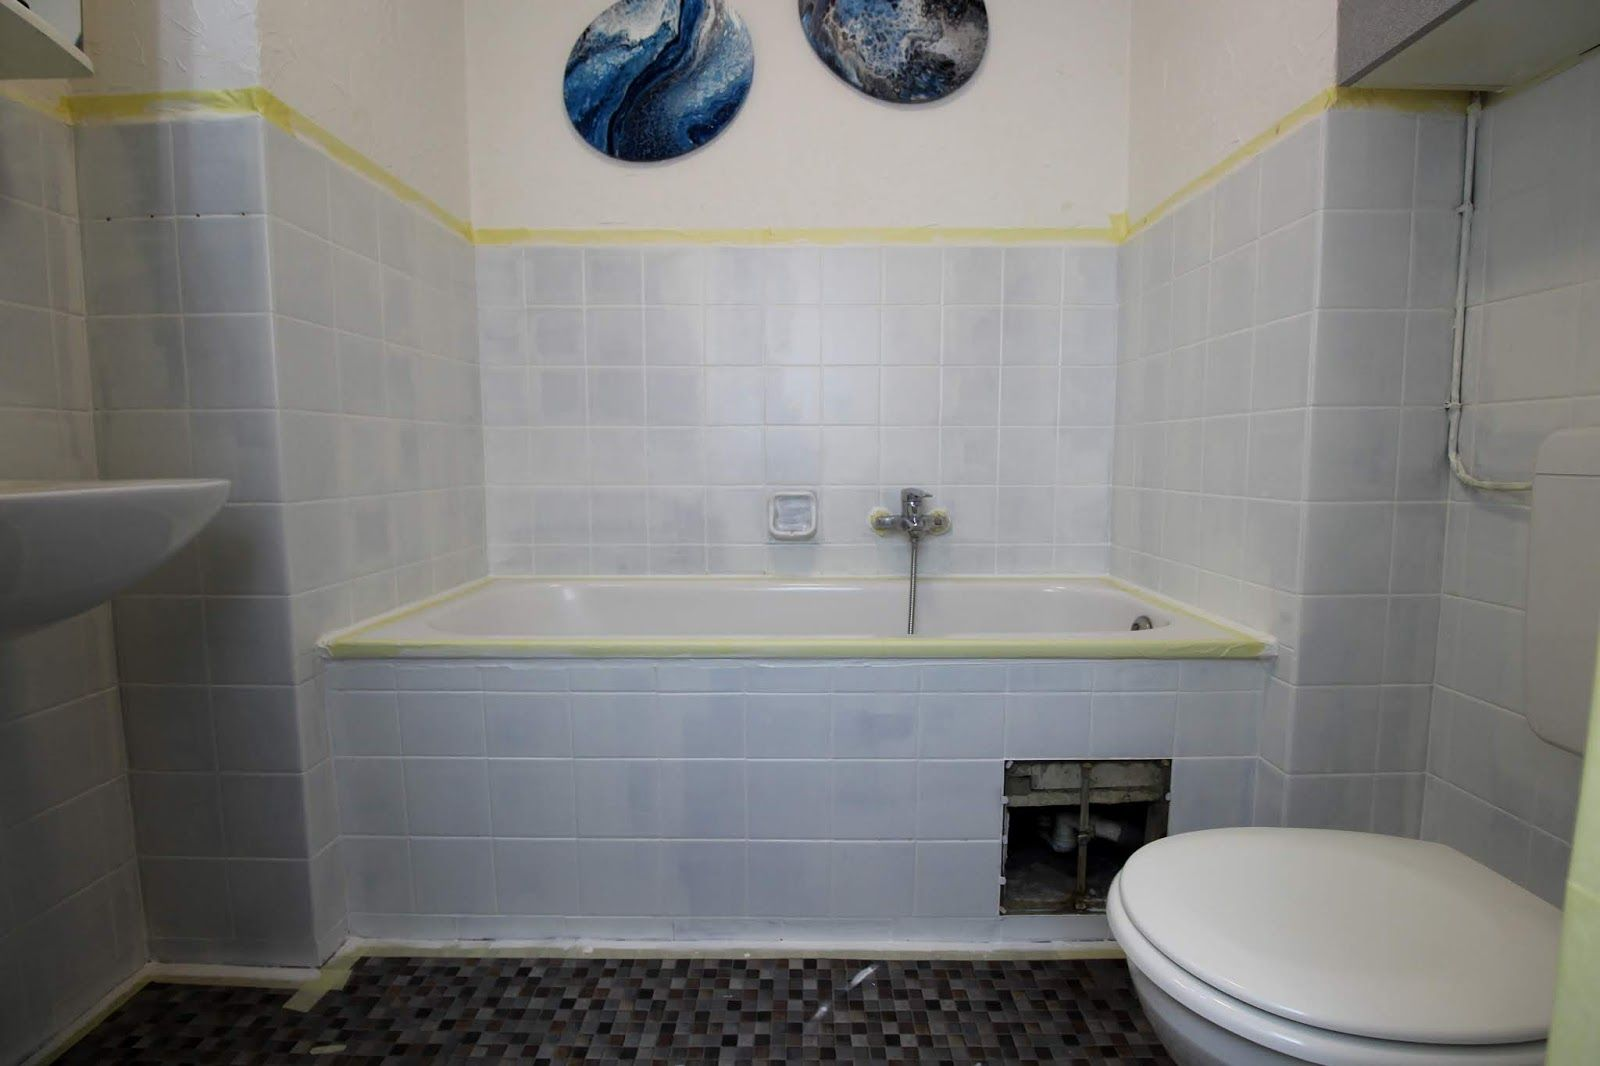 Diy Badezimmer Make Over Einfaches Recylcing Mit Der Schoner Wohnen Pep Up Renovierfarbe Fur Fliese Badezimmer Streichen Badezimmer Komplett Neues Badezimmer